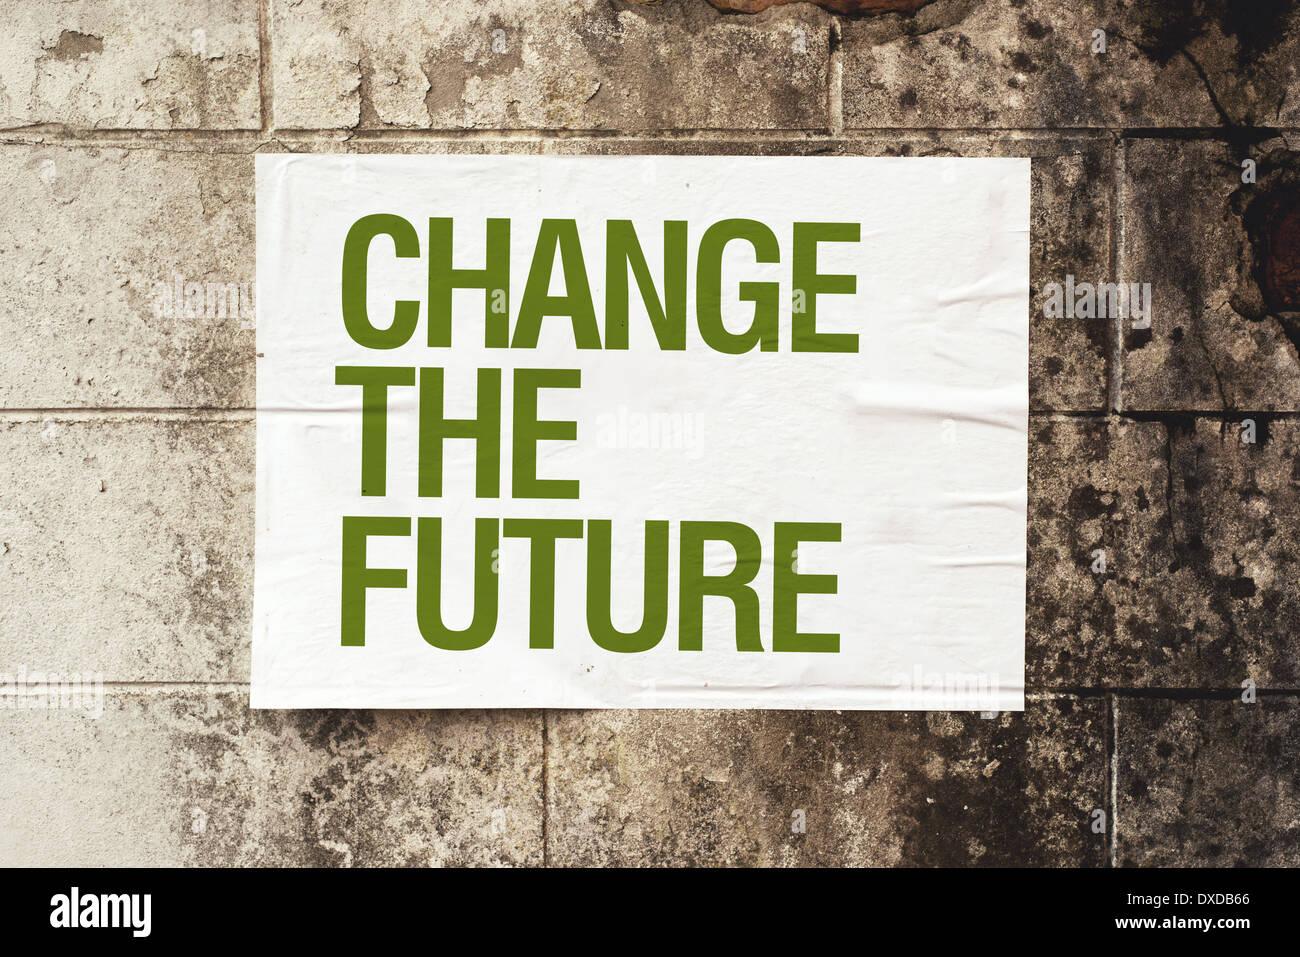 Cambiar el futuro cartel sobre grunge en la pared. Imagen conceptual. Imagen De Stock